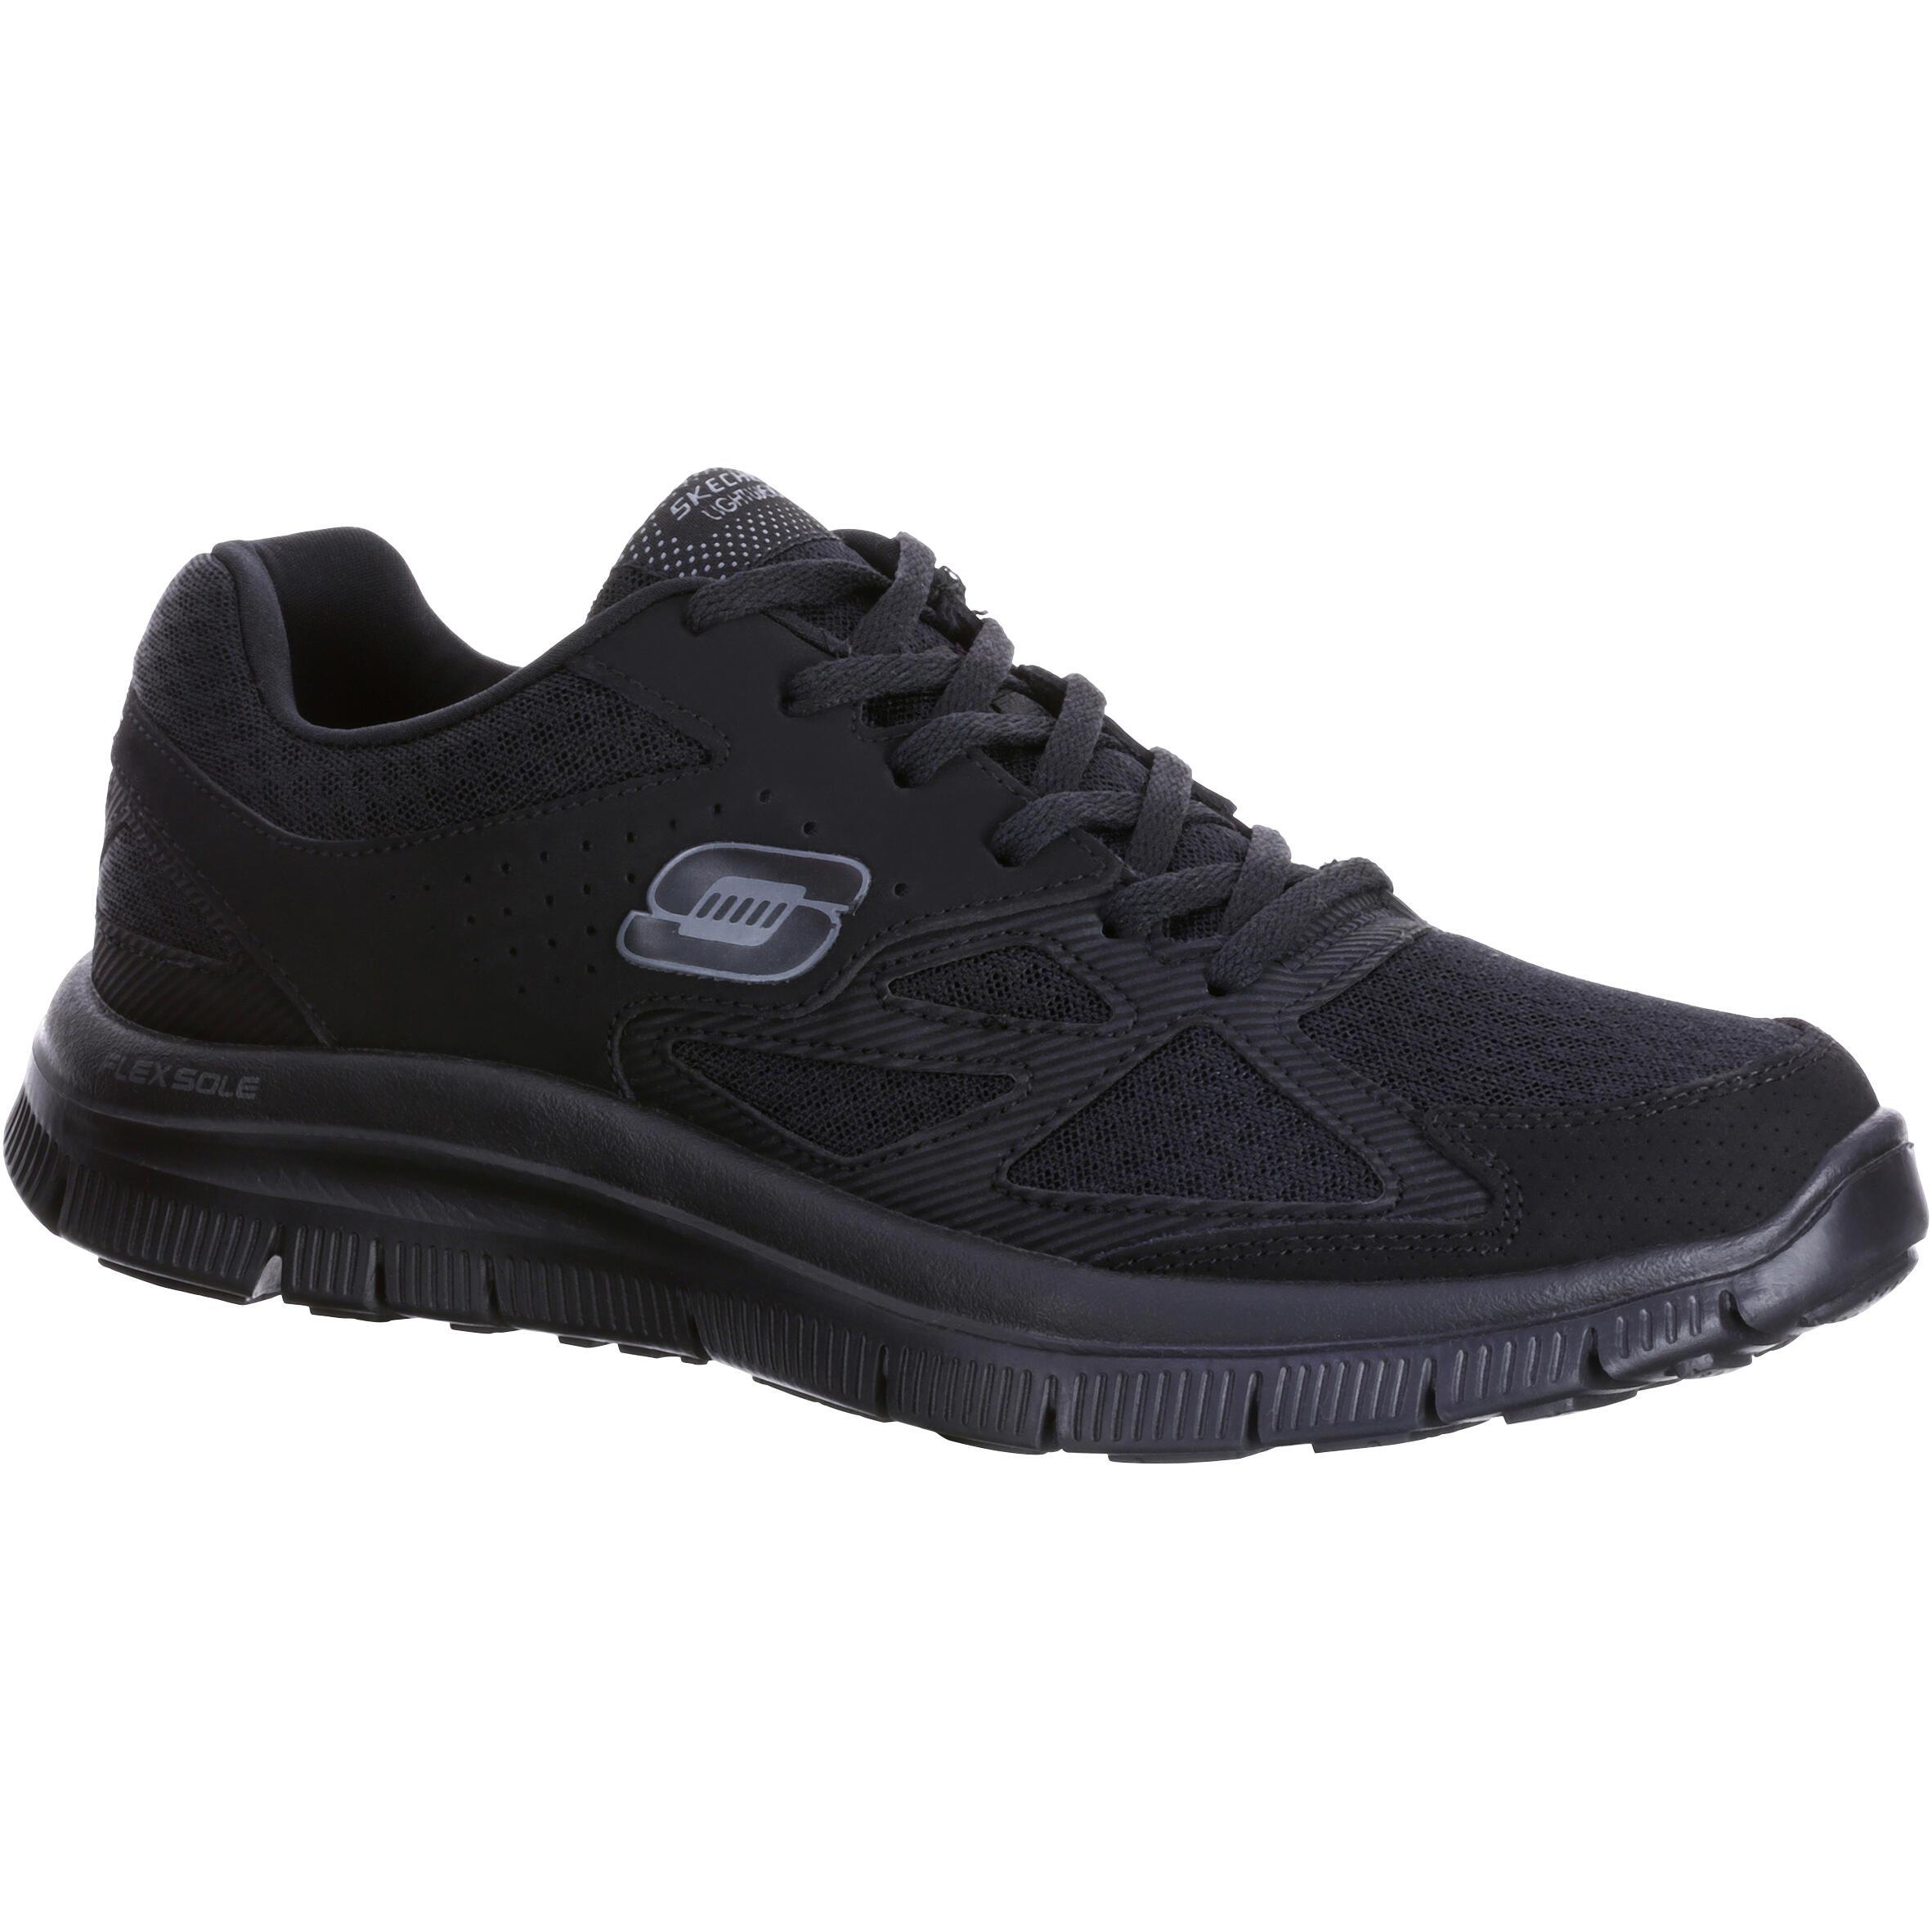 2501257e087 Skechers Herensneakers voor sportief wandelen Flex Advantage zwart |  Decathlon.nl